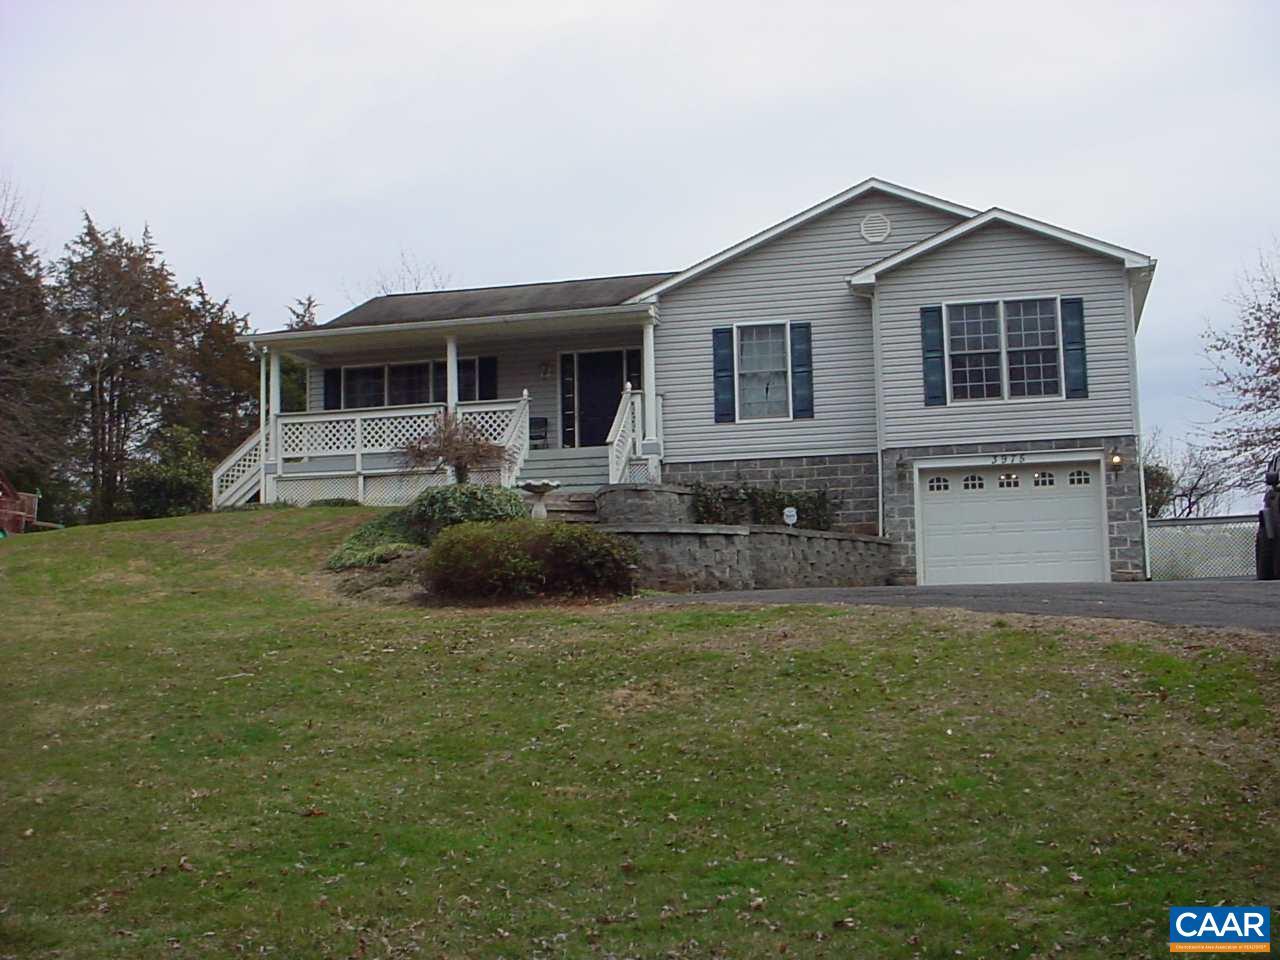 3975 ROCK BRANCH RD, NORTH GARDEN, VA 22959